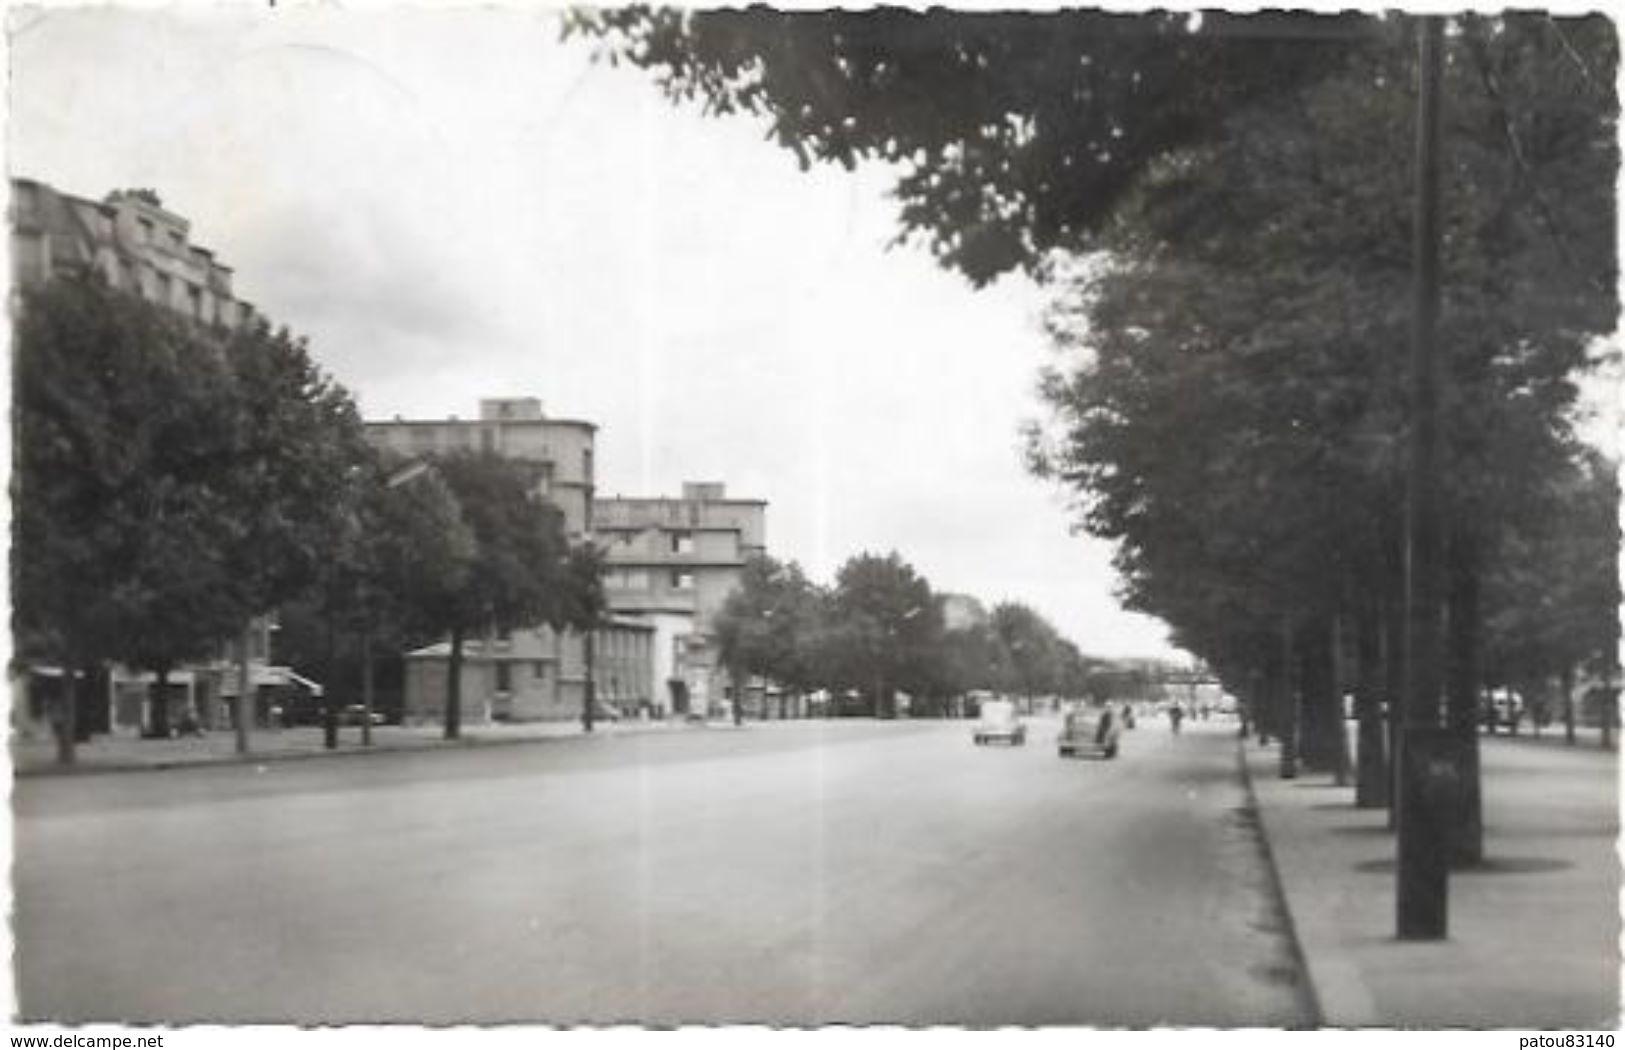 75  PARIS XX. COURS DE VINCENNES - Arrondissement: 20